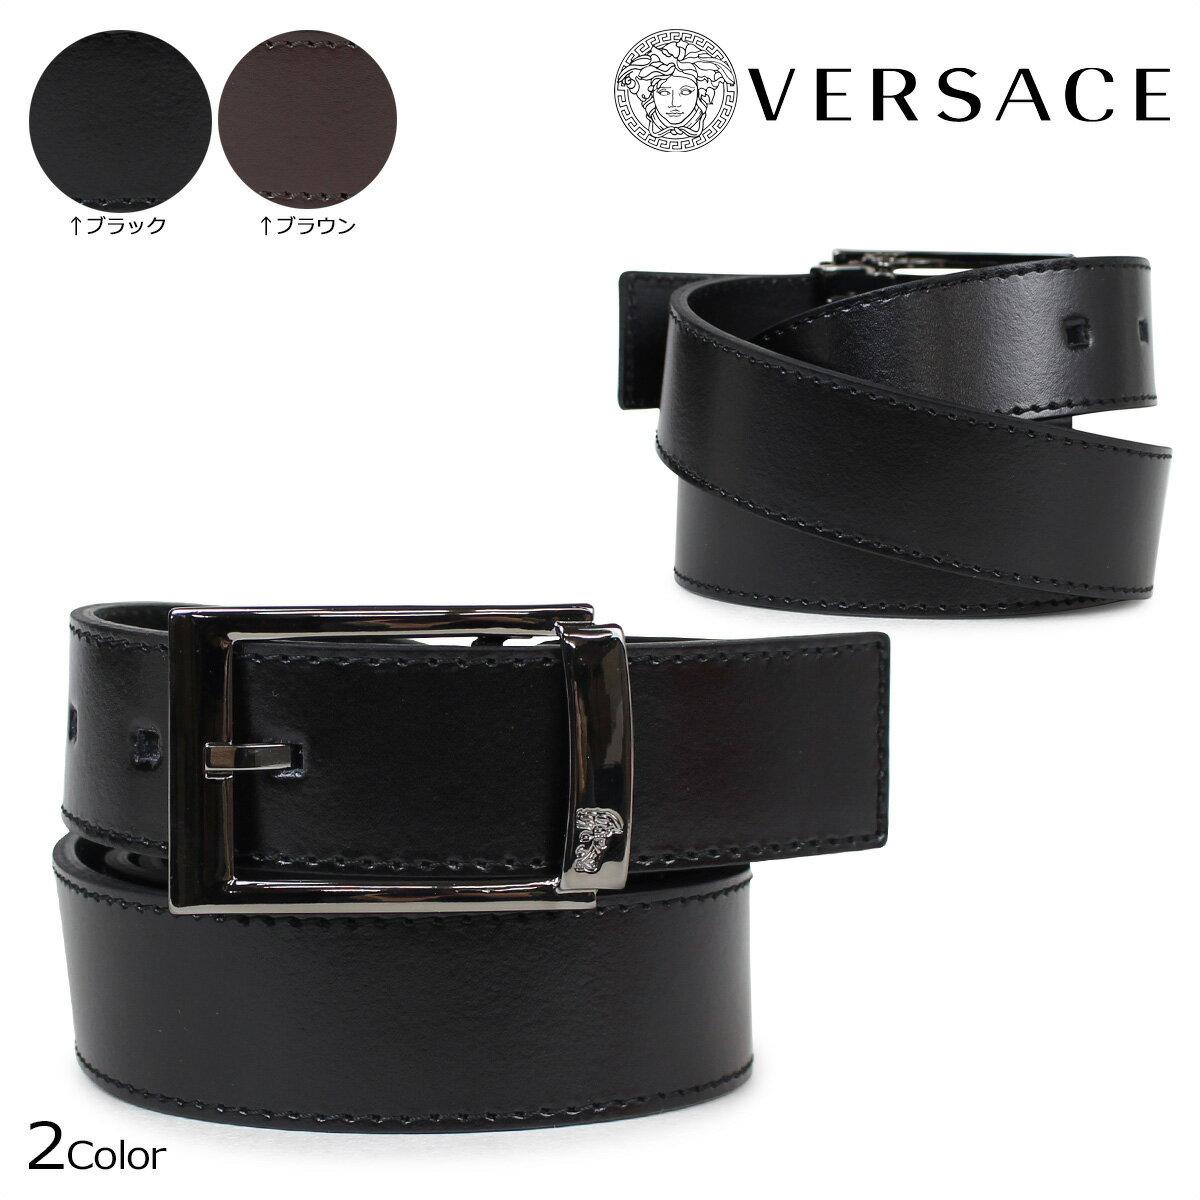 VERSACE ヴェルサーチ ベルト ベルサーチ メンズ 本革 レザーベルト ブラック ブラウン イタリア製 カジュアル ビジネス V91178S [5/2 追加入荷] [185]